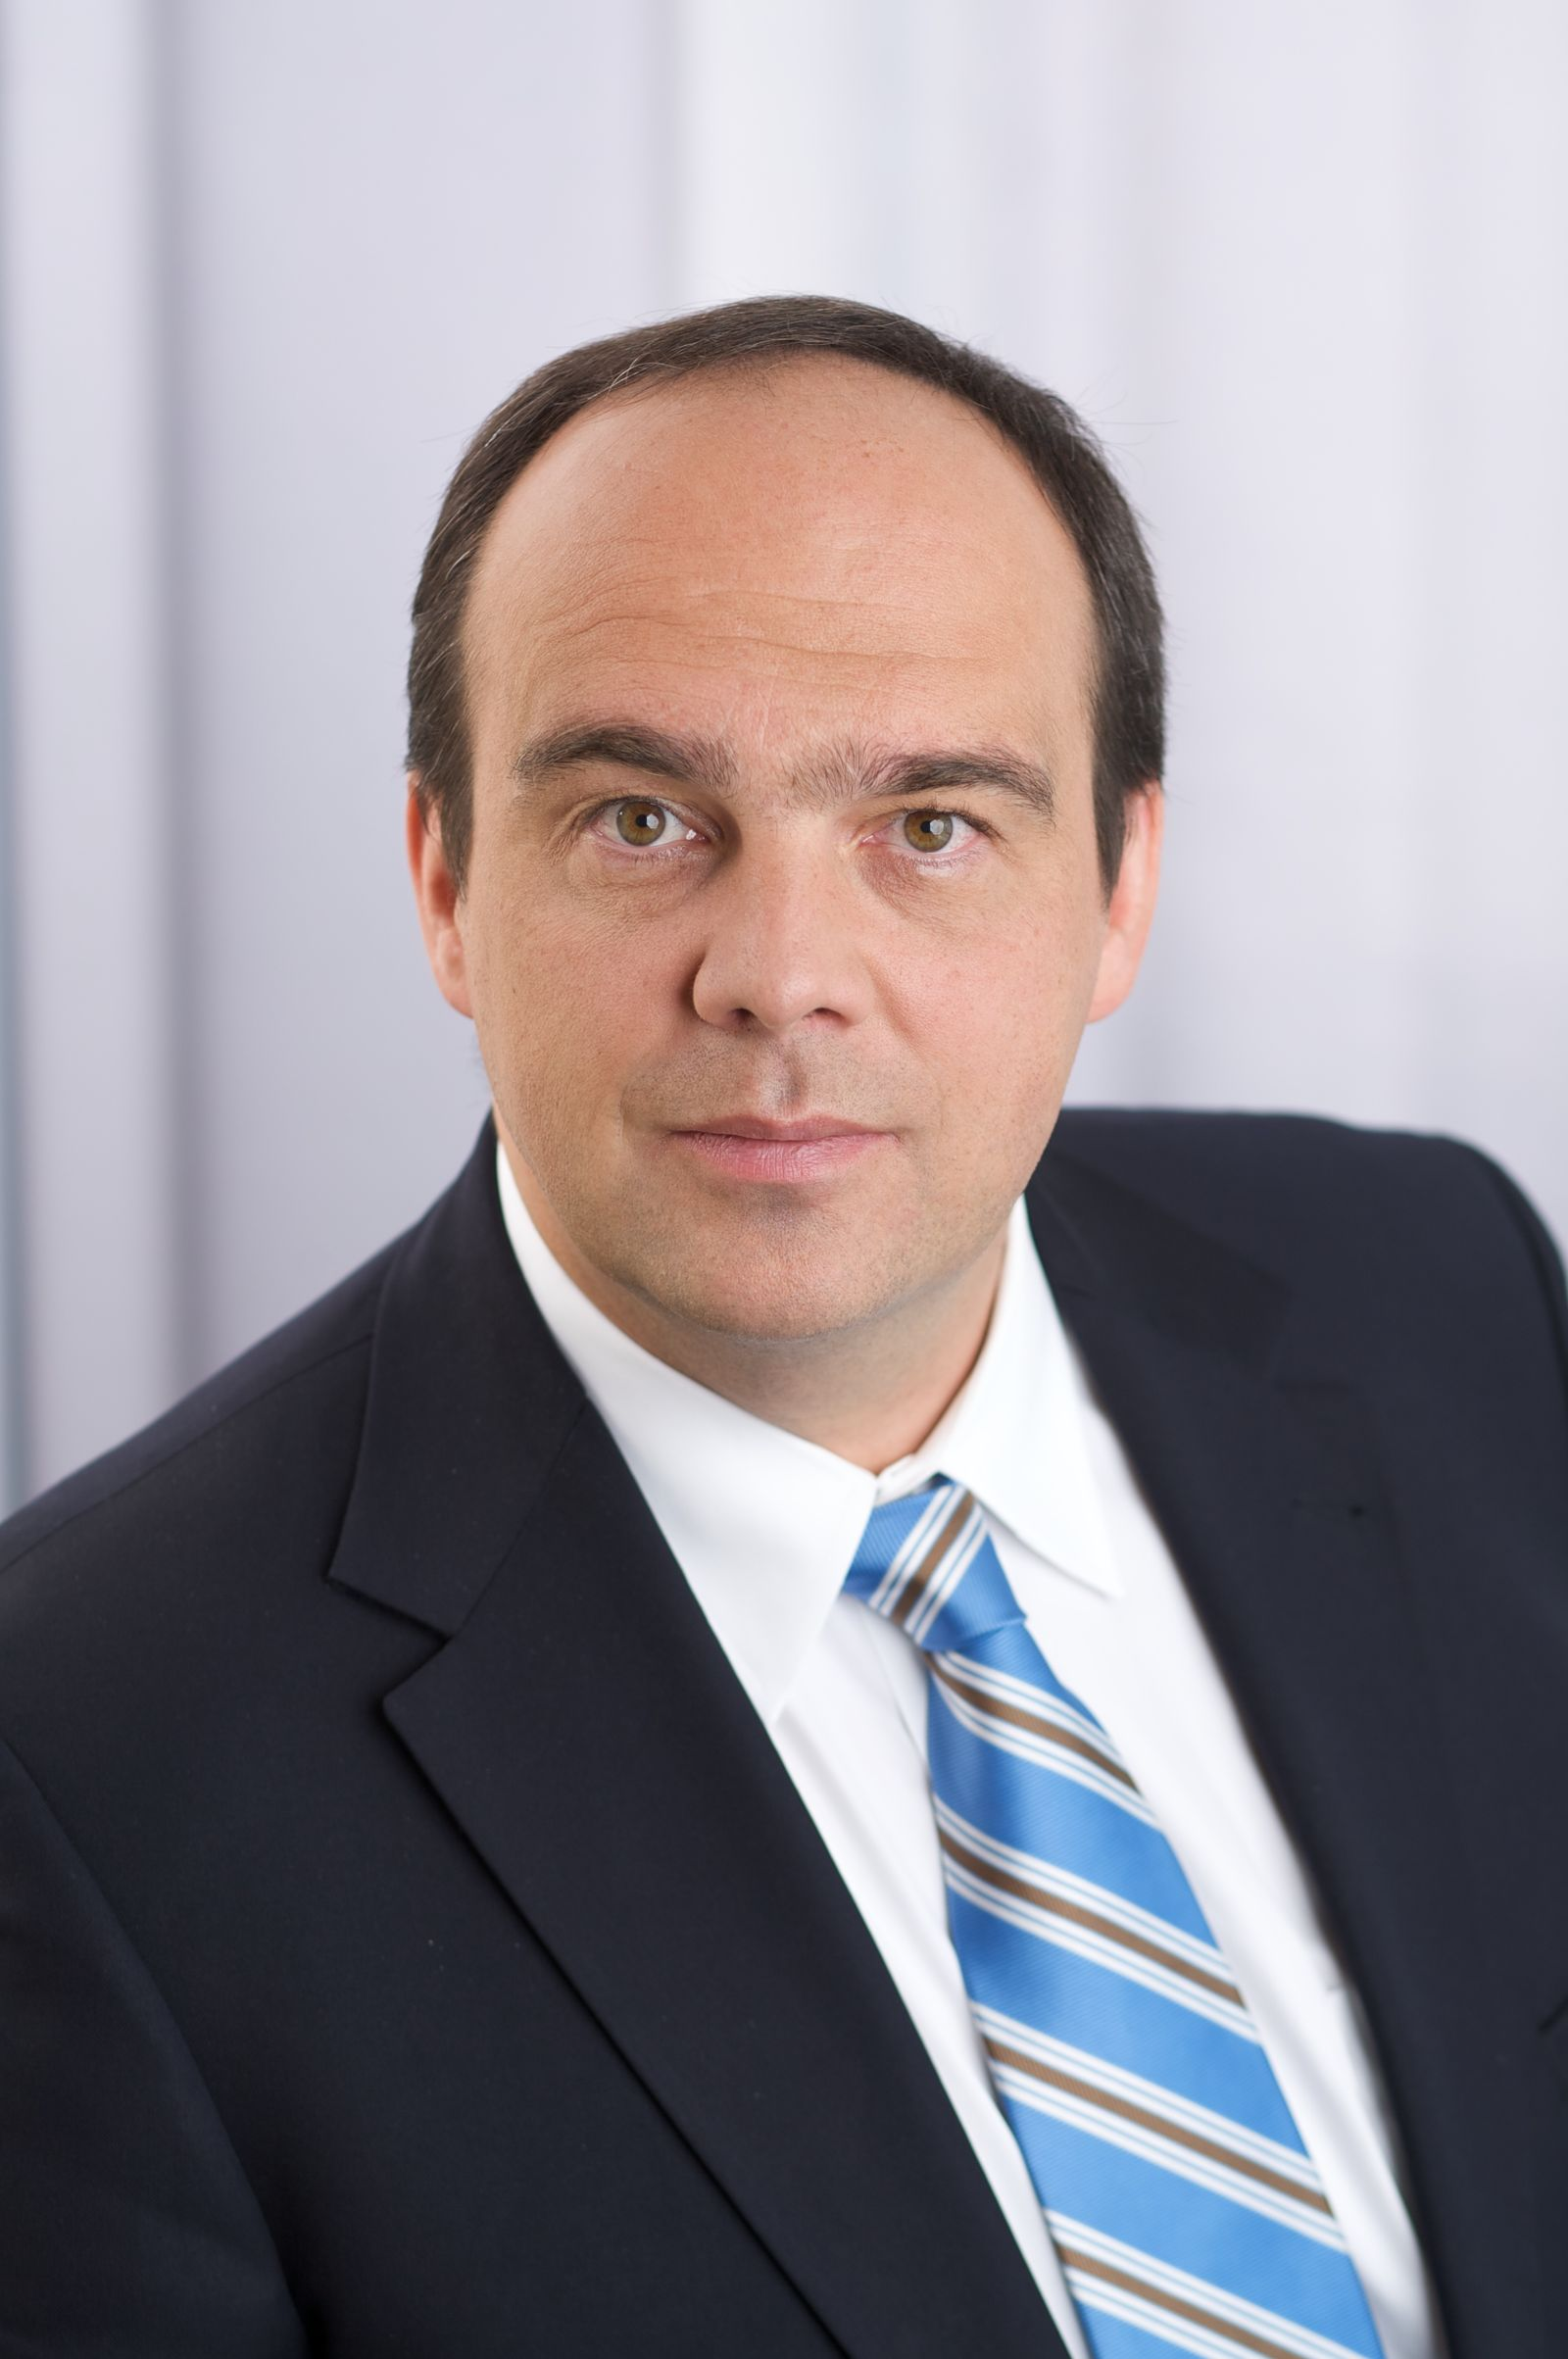 Hagen Rickmann / T-Systems